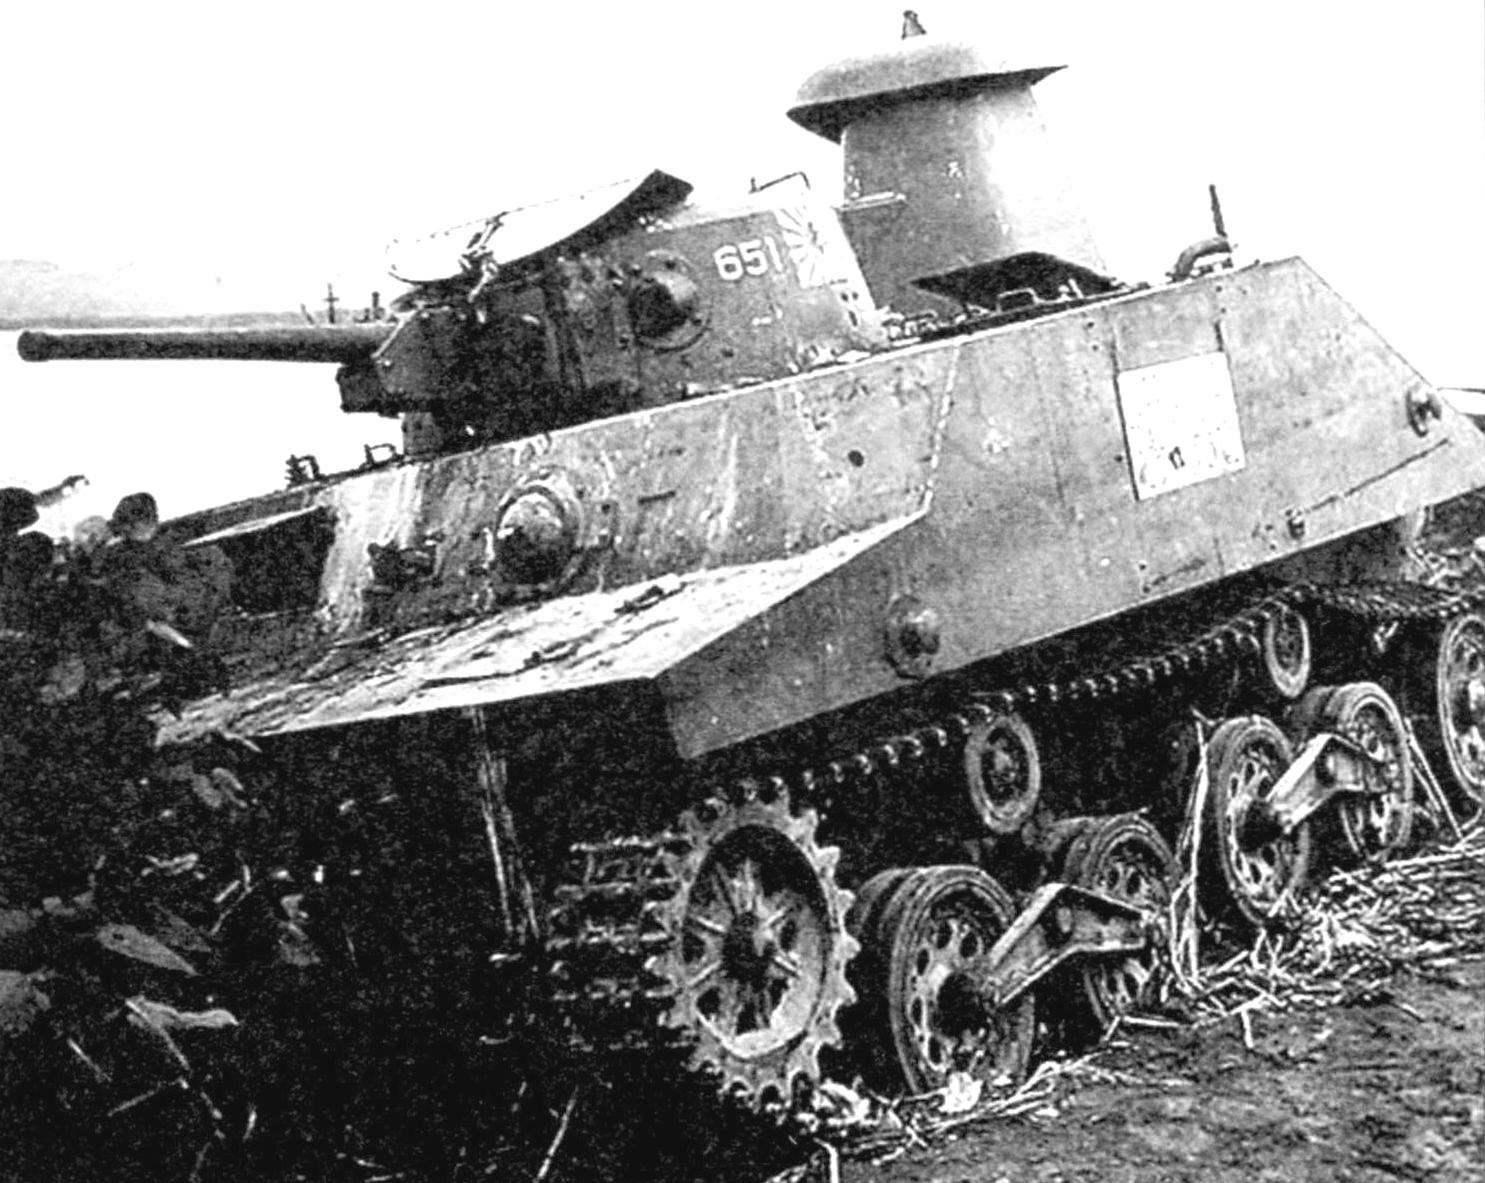 Танк «Ка-Ми», избавившийся от понтонов, вступает в бой. Остров Лусон, Филиппины, январь 1945 г.